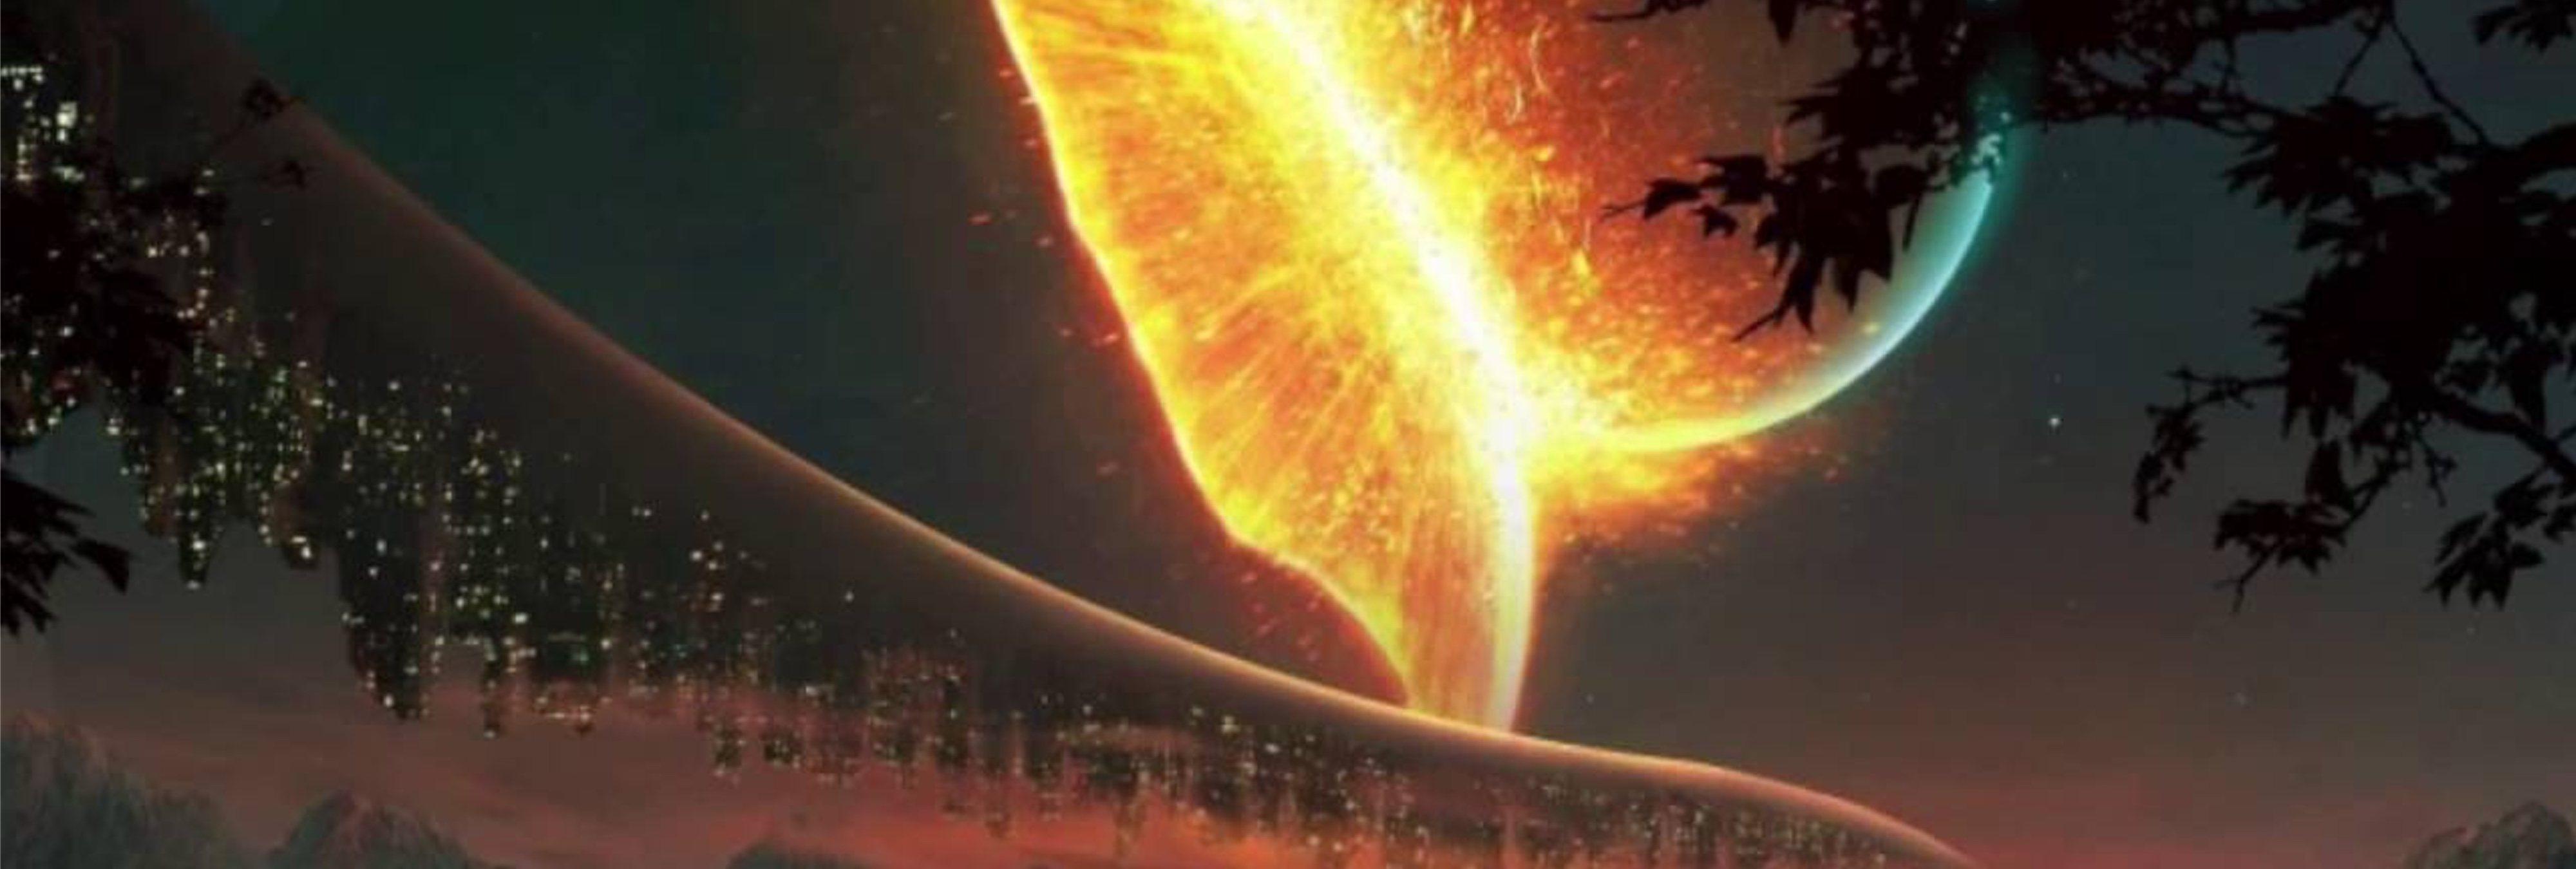 La teoría sobre el fin del mundo que llegará el 23 de abril de 2018